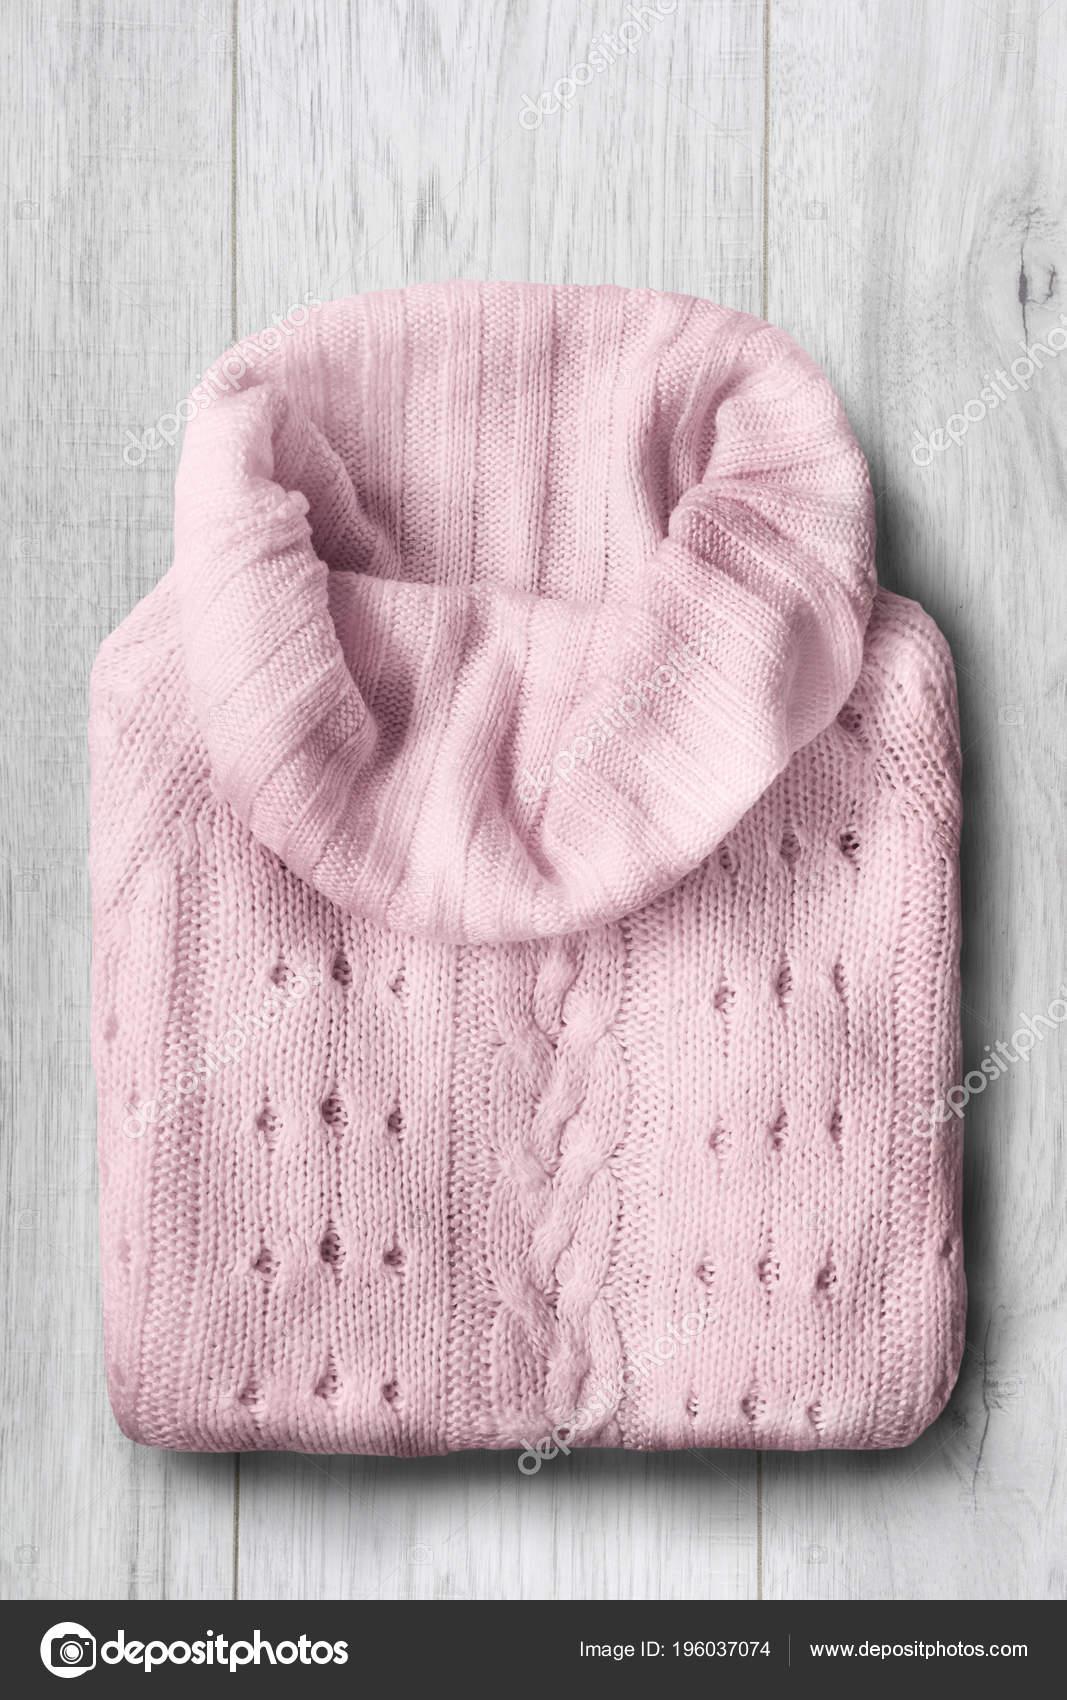 Roze Wollen Trui.Gevouwen Roze Wollen Trui Witte Houten Achtergrond Stockfoto